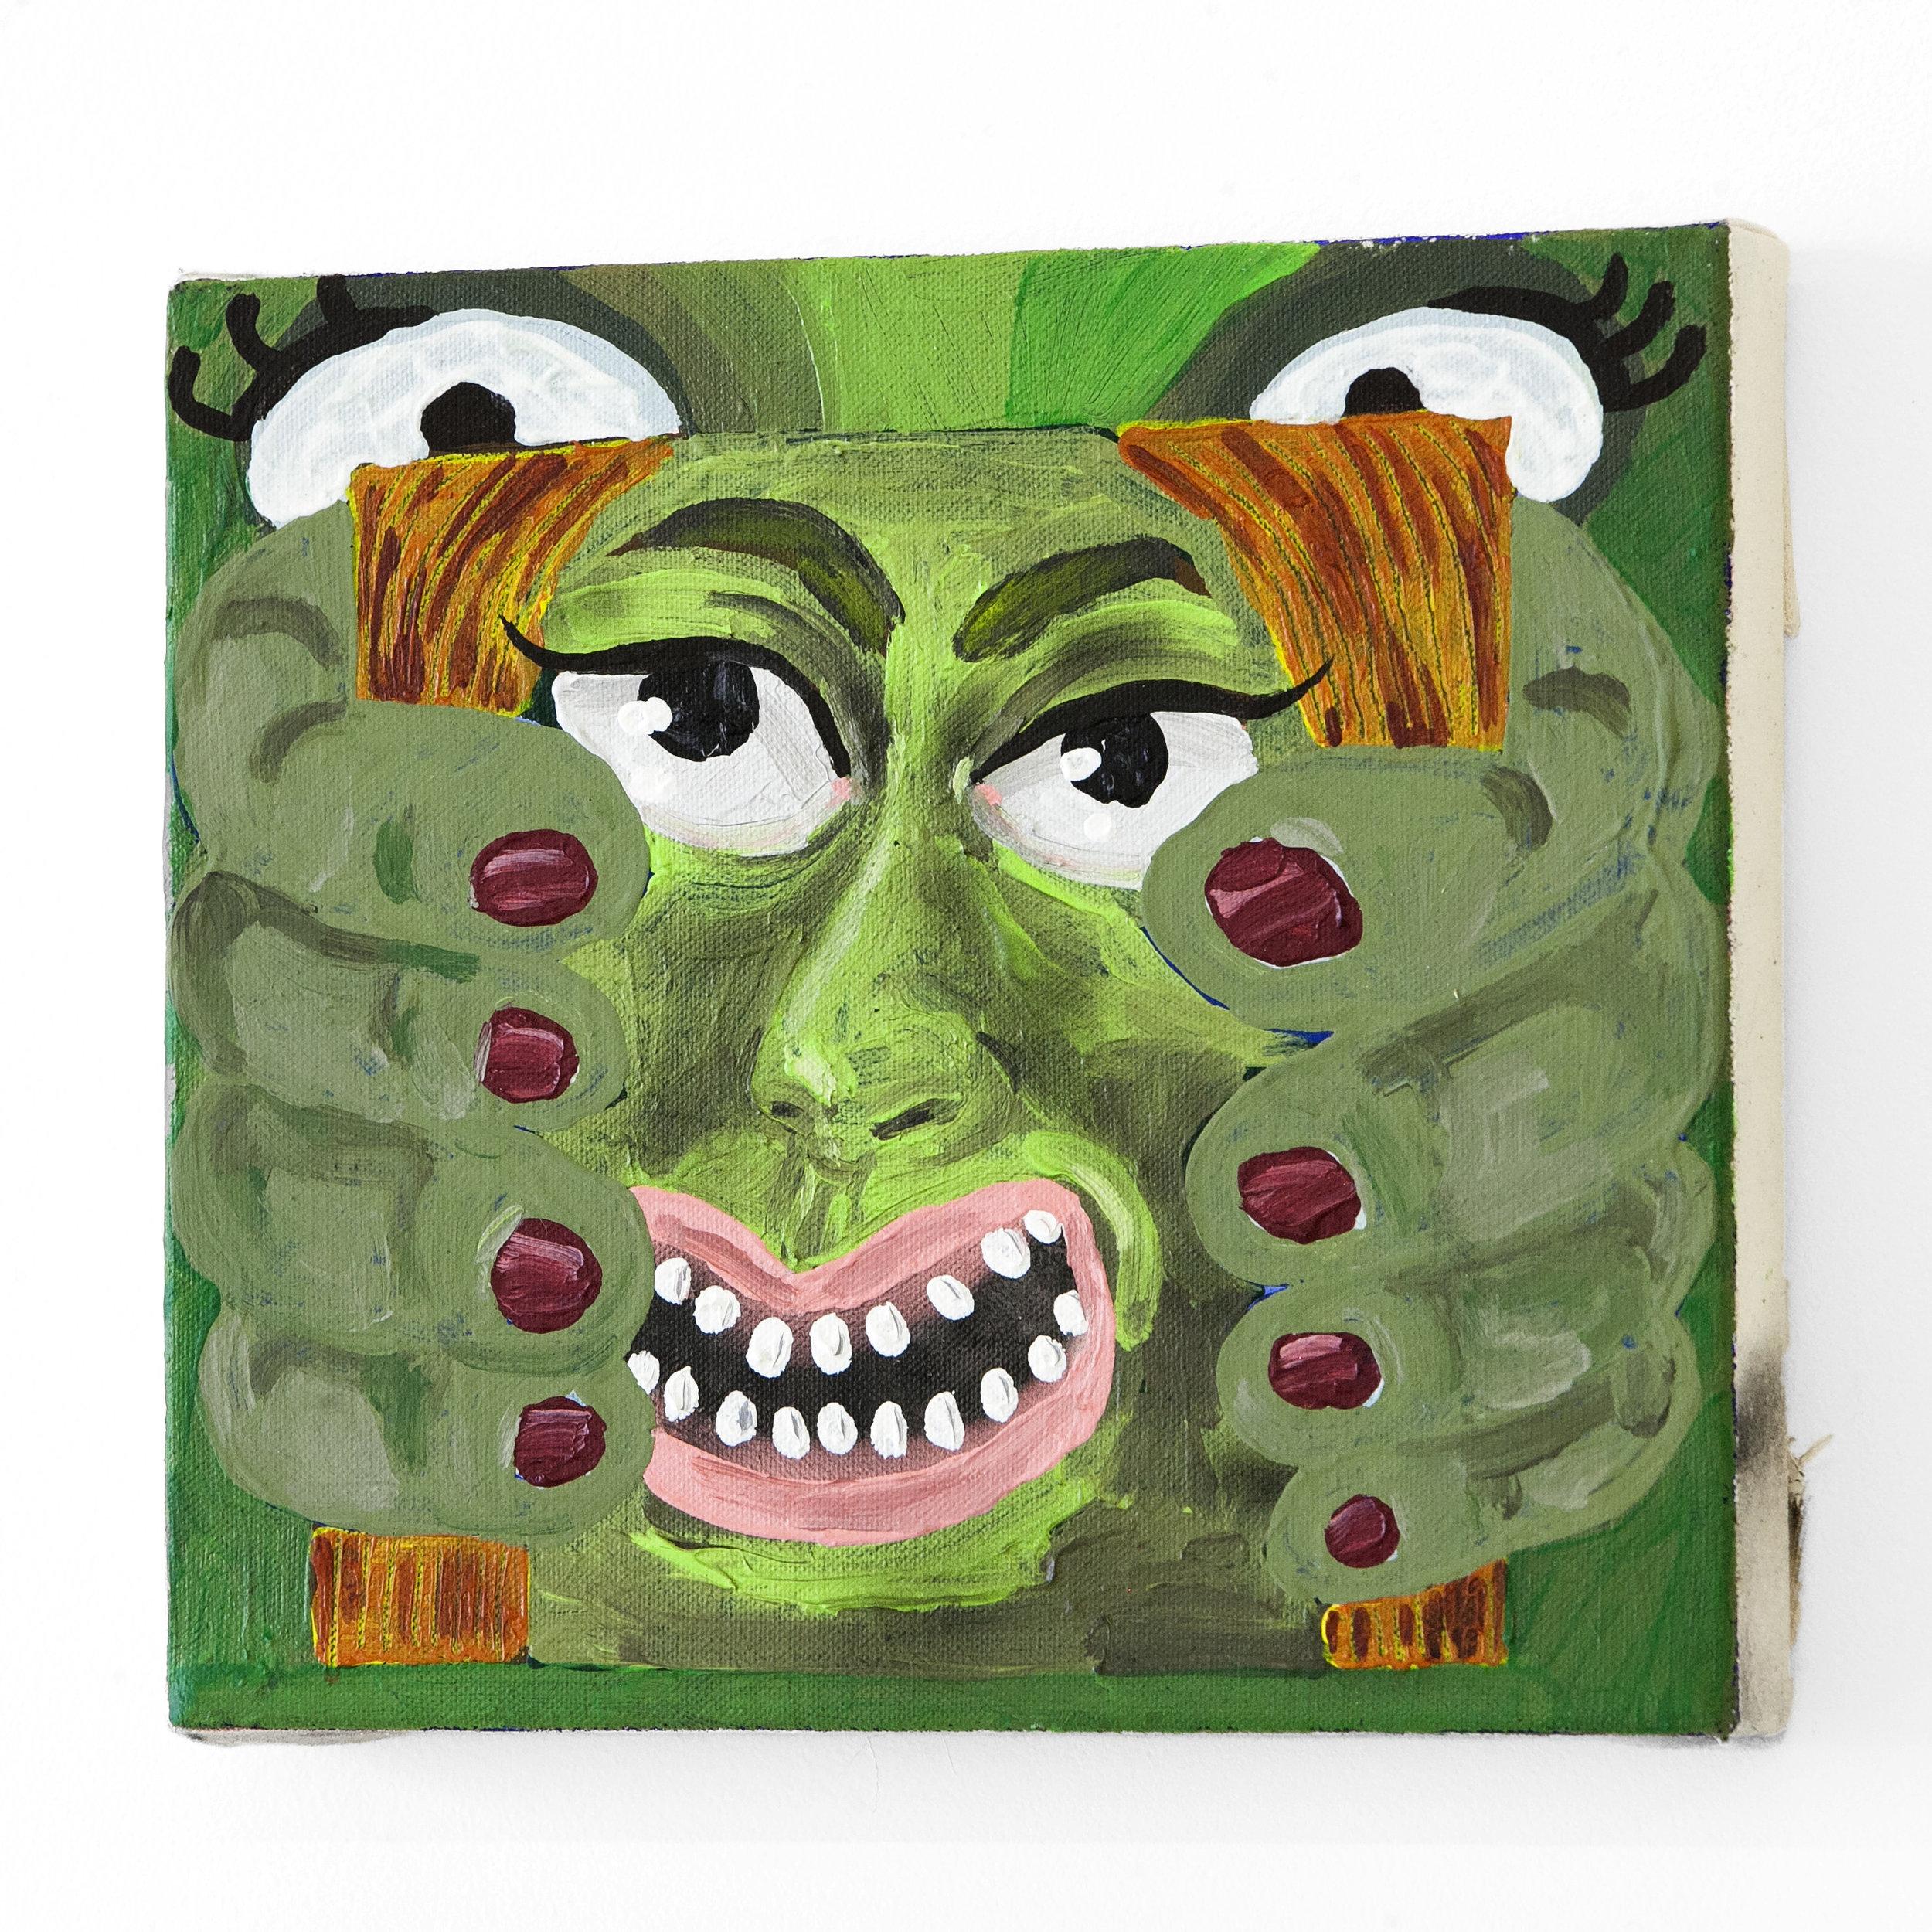 kellenchasuk_greenmask_4.jpg